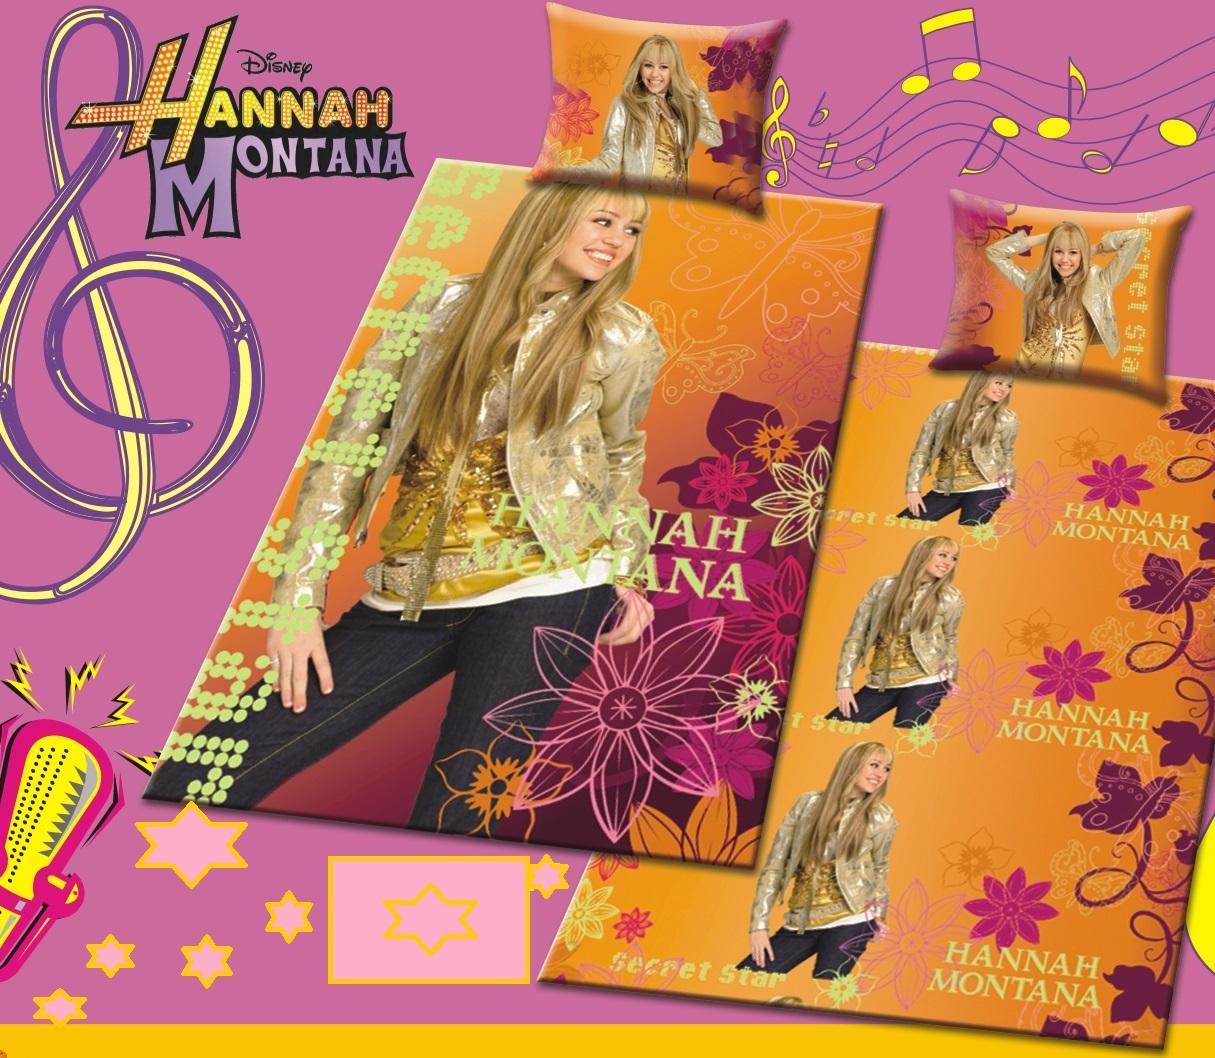 Κουβέρτα Πικέ Παιδική Με Μαξιλαροθήκη Hannah Montana - ZBRITTA - 9-Κ.18_πικέ λευκα ειδη παιδί κουβέρτες παιδικές